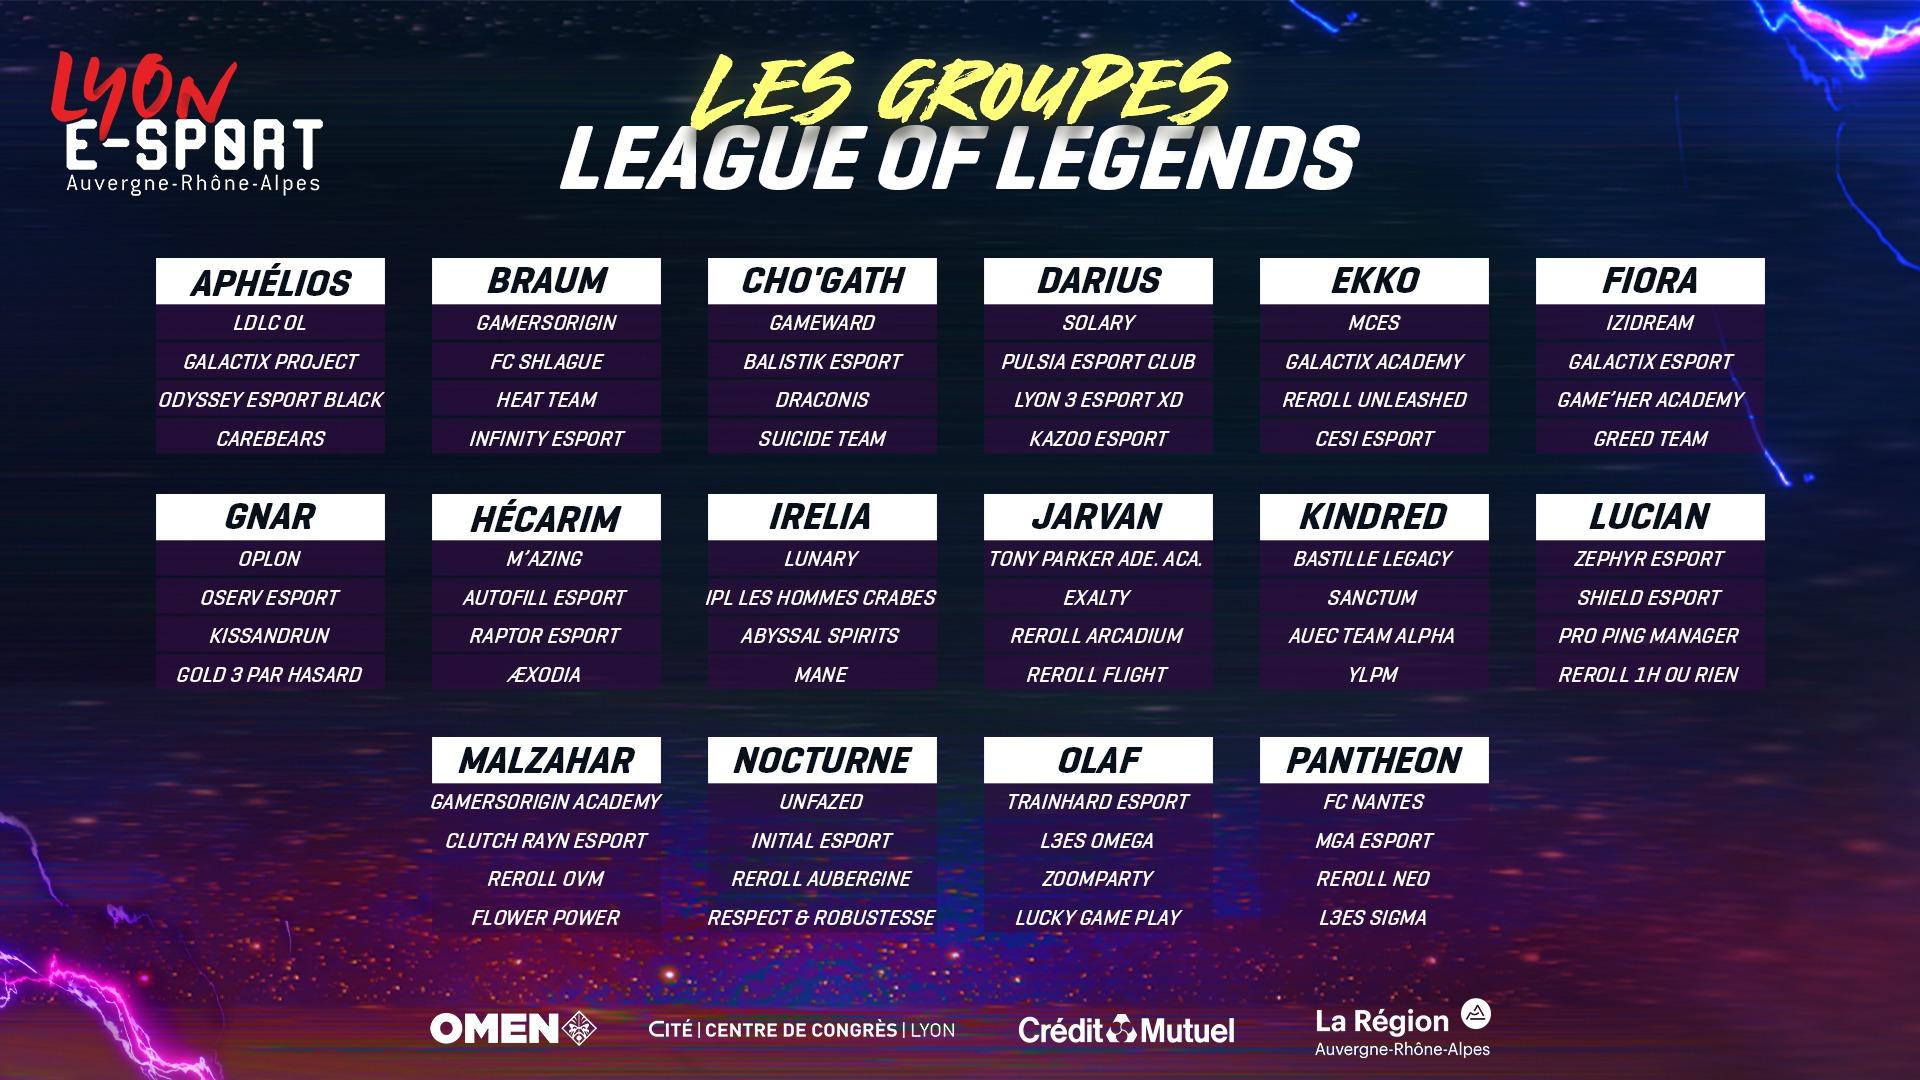 groupes league of legends lyon e-sport 2020